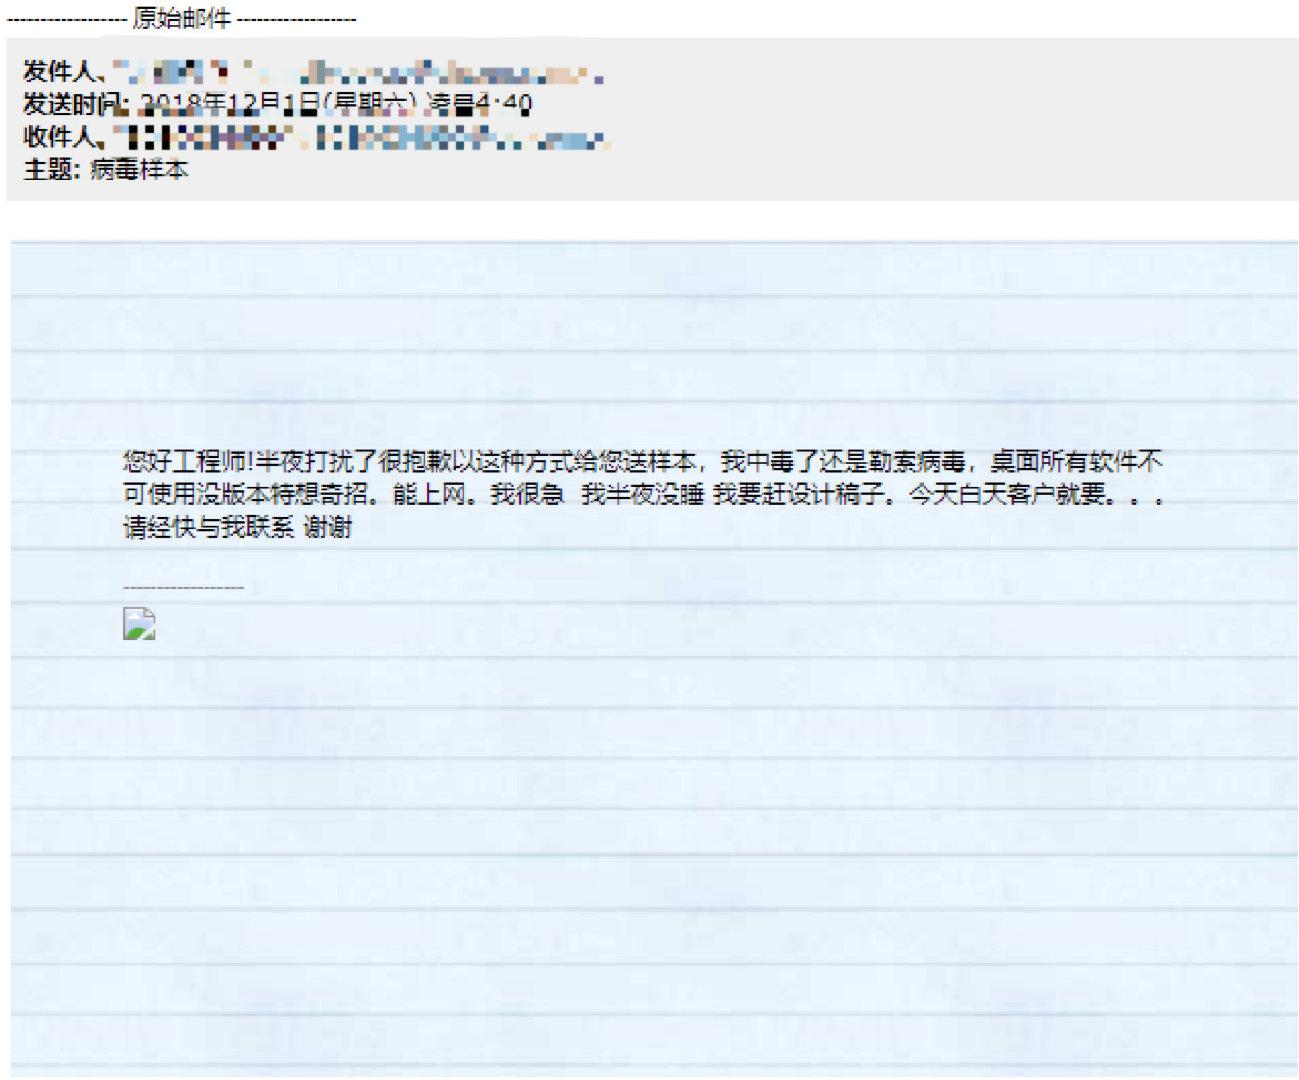 你没看错:新的勒索病毒居然要求微信支付了!  微信勒索病毒 黑客 比特币 网络安全 第2张